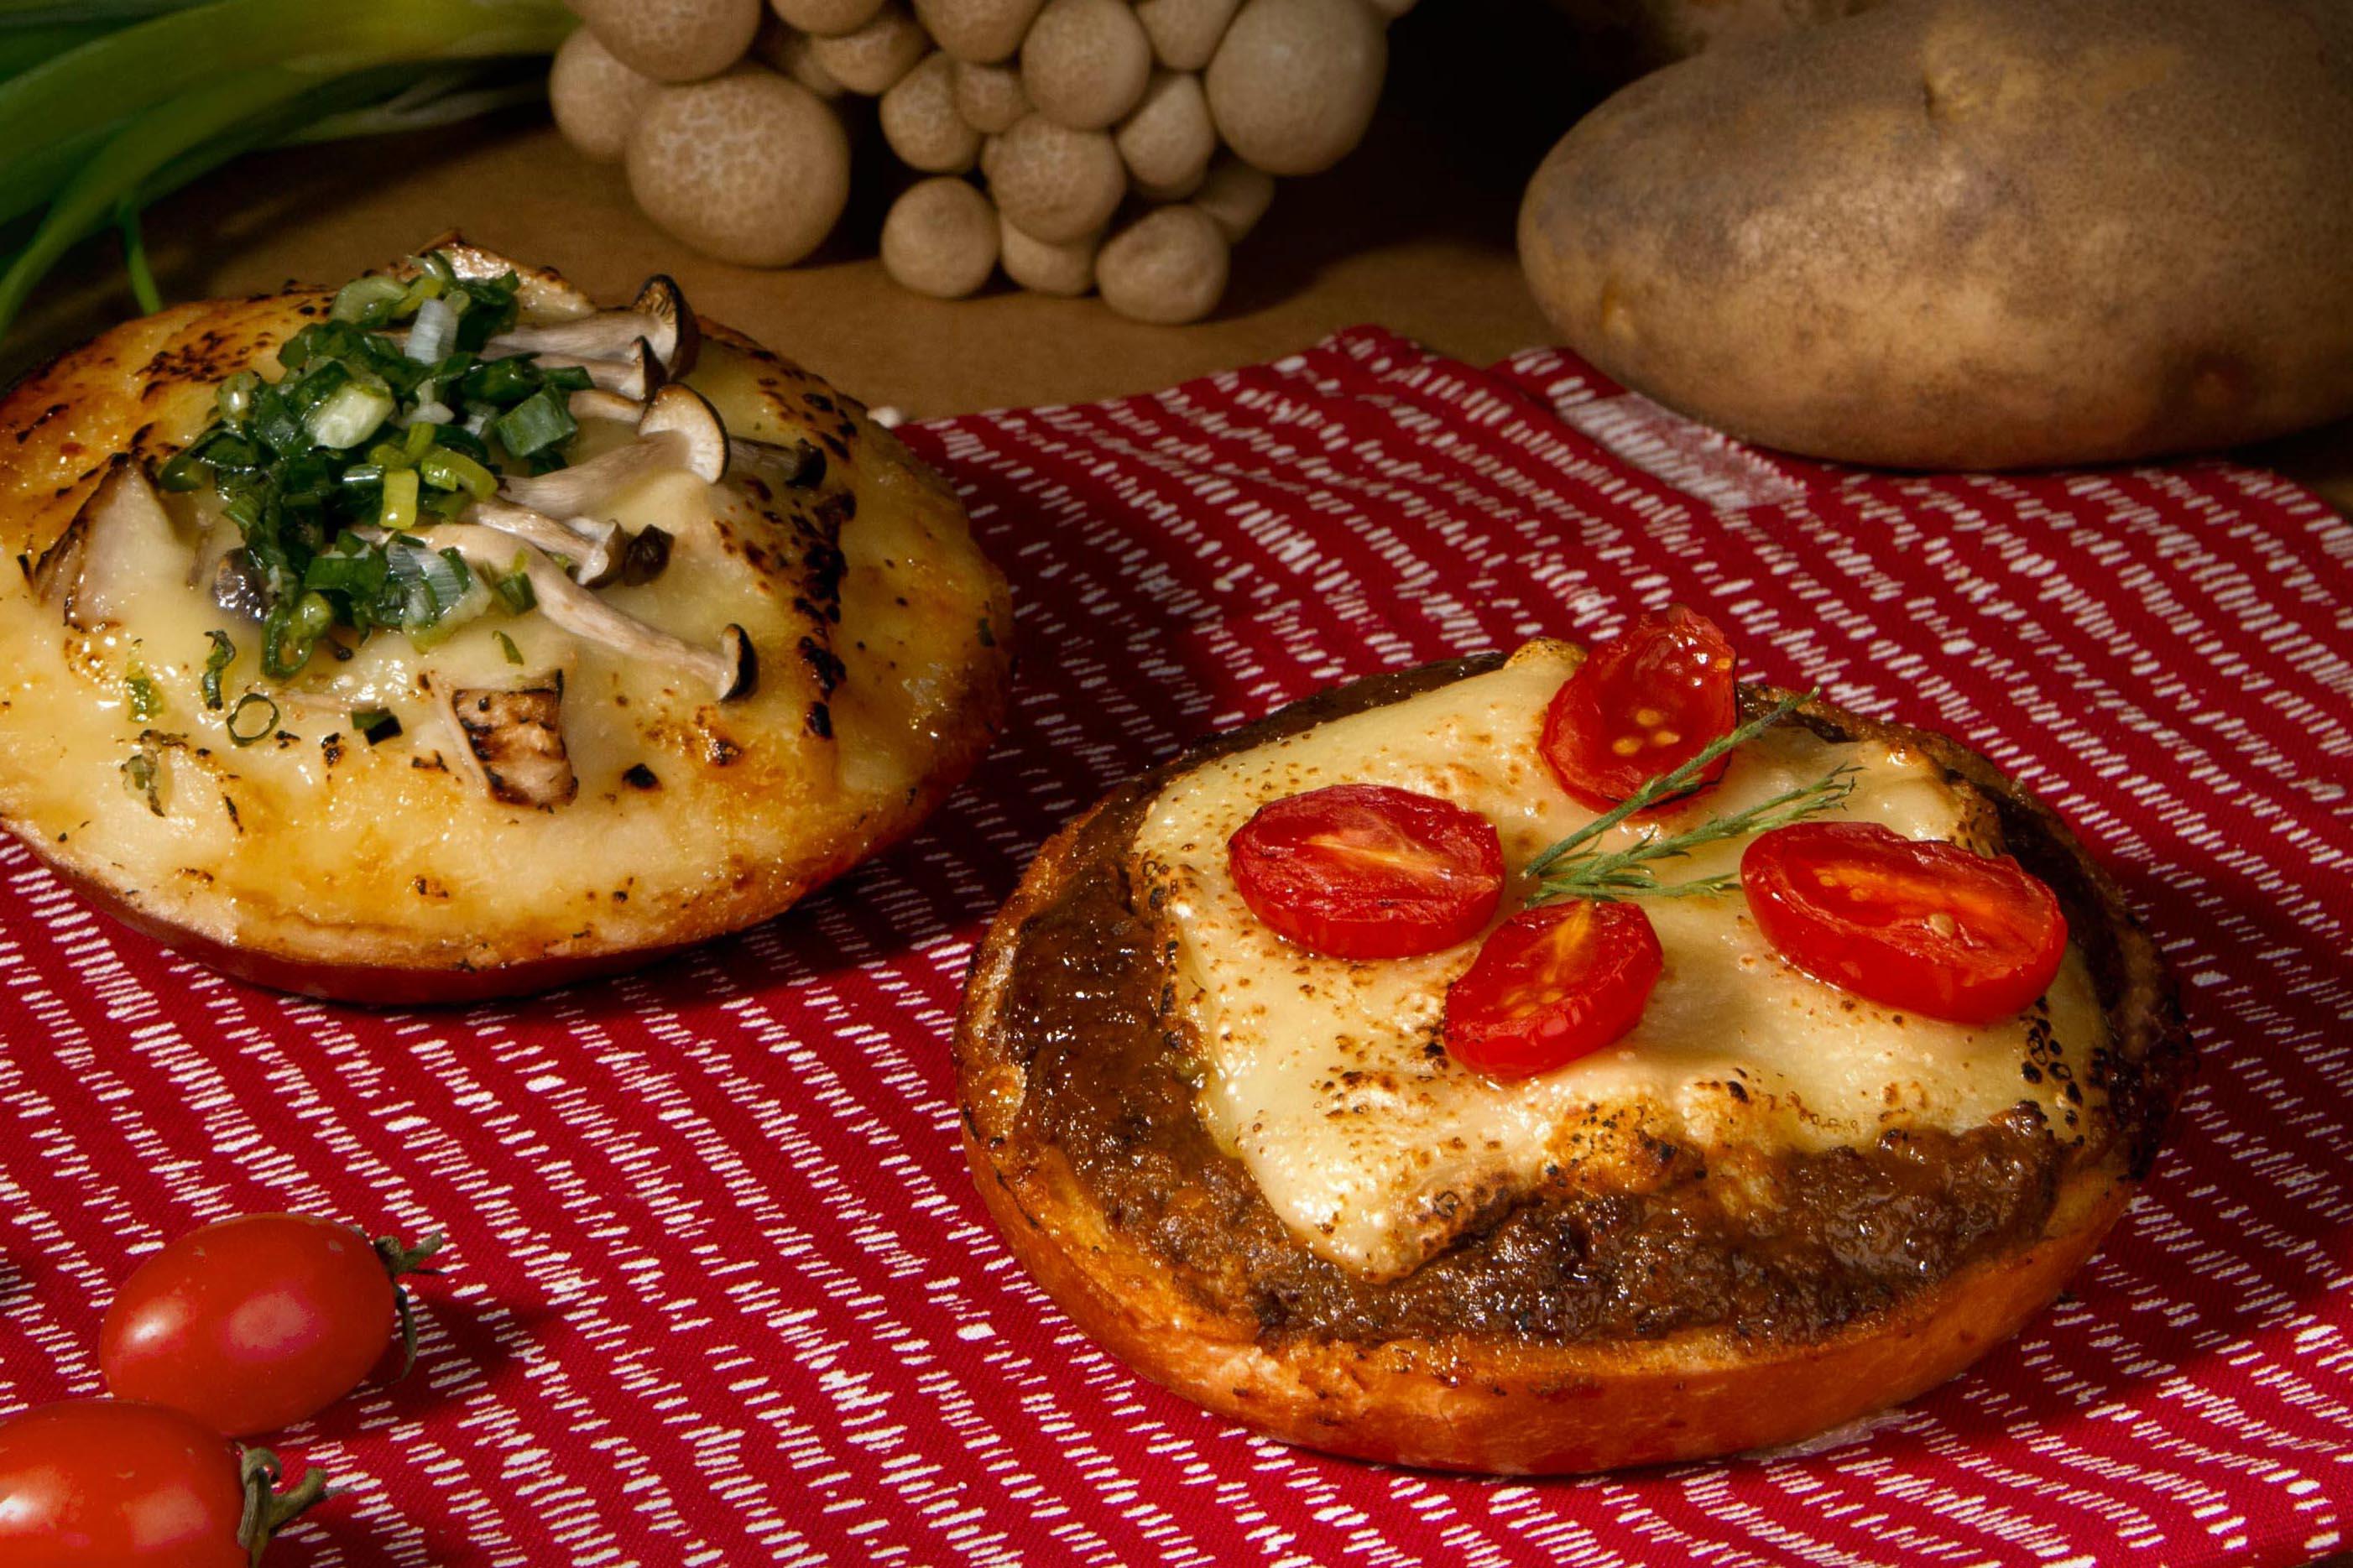 限量現烤,推出兩種口味「香蔥野菇」與「辛香咖哩」